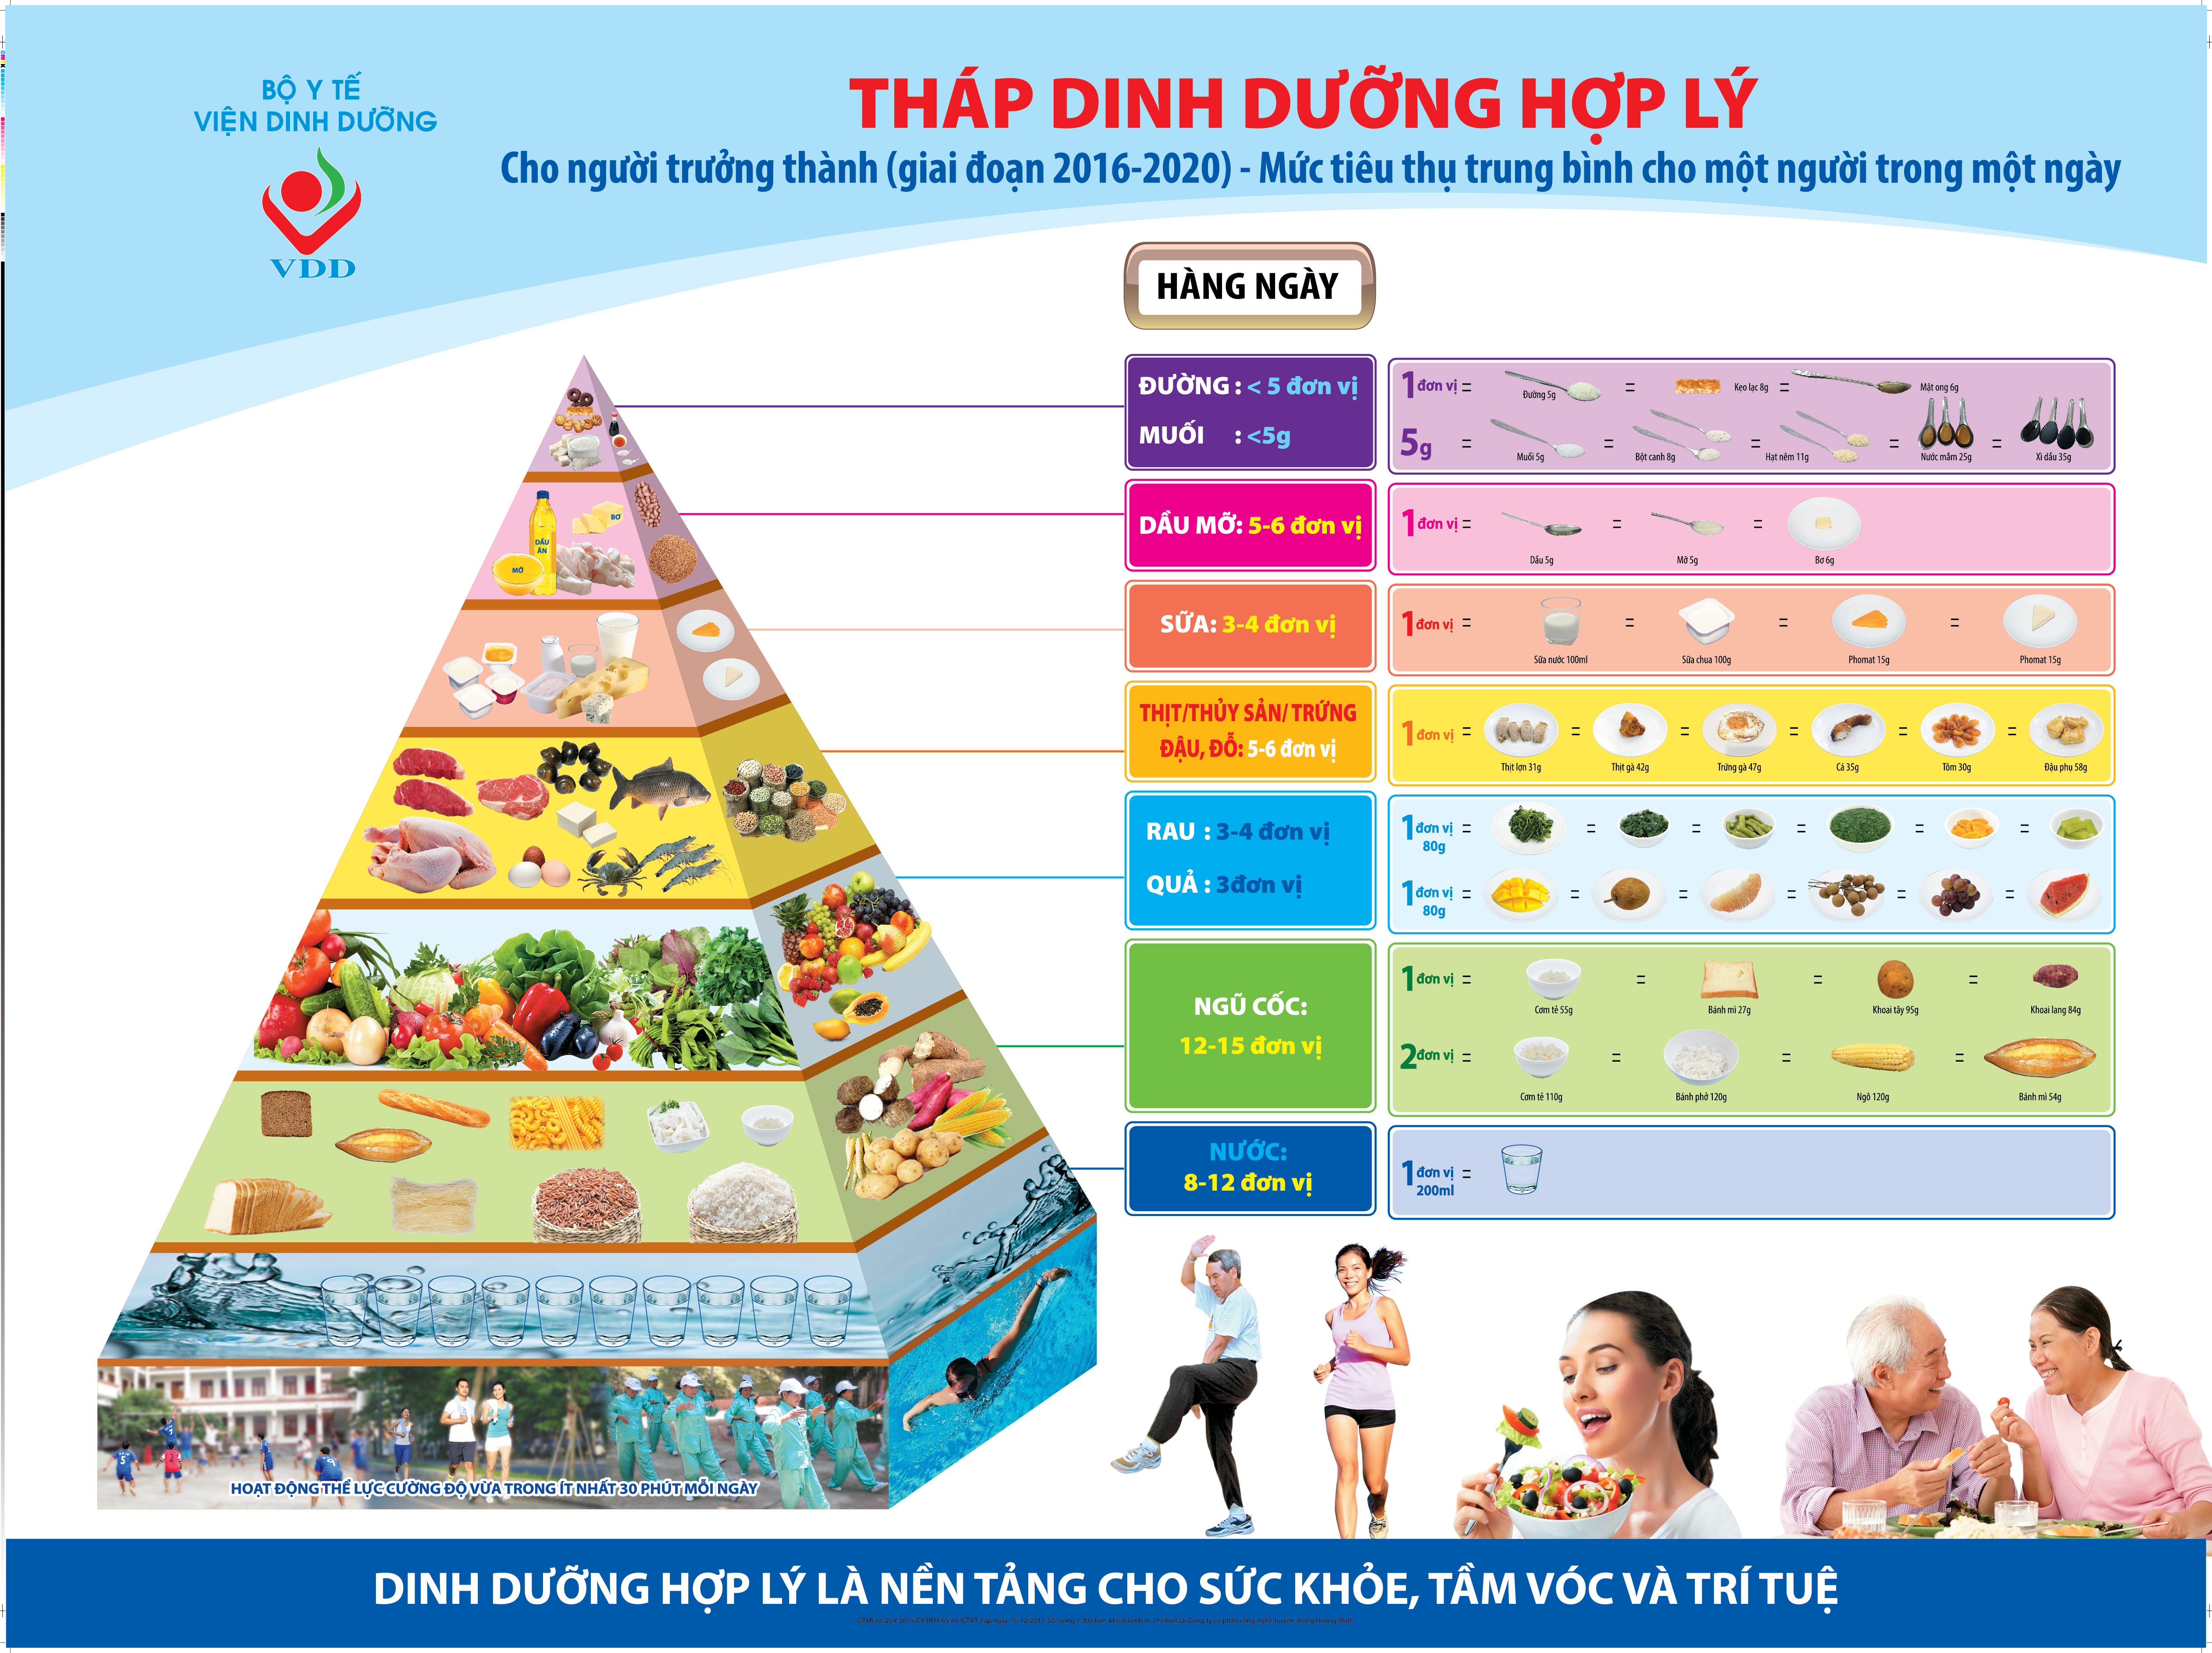 Các bước hiệu quả để cân bằng dinh dưỡng trong bữa ăn